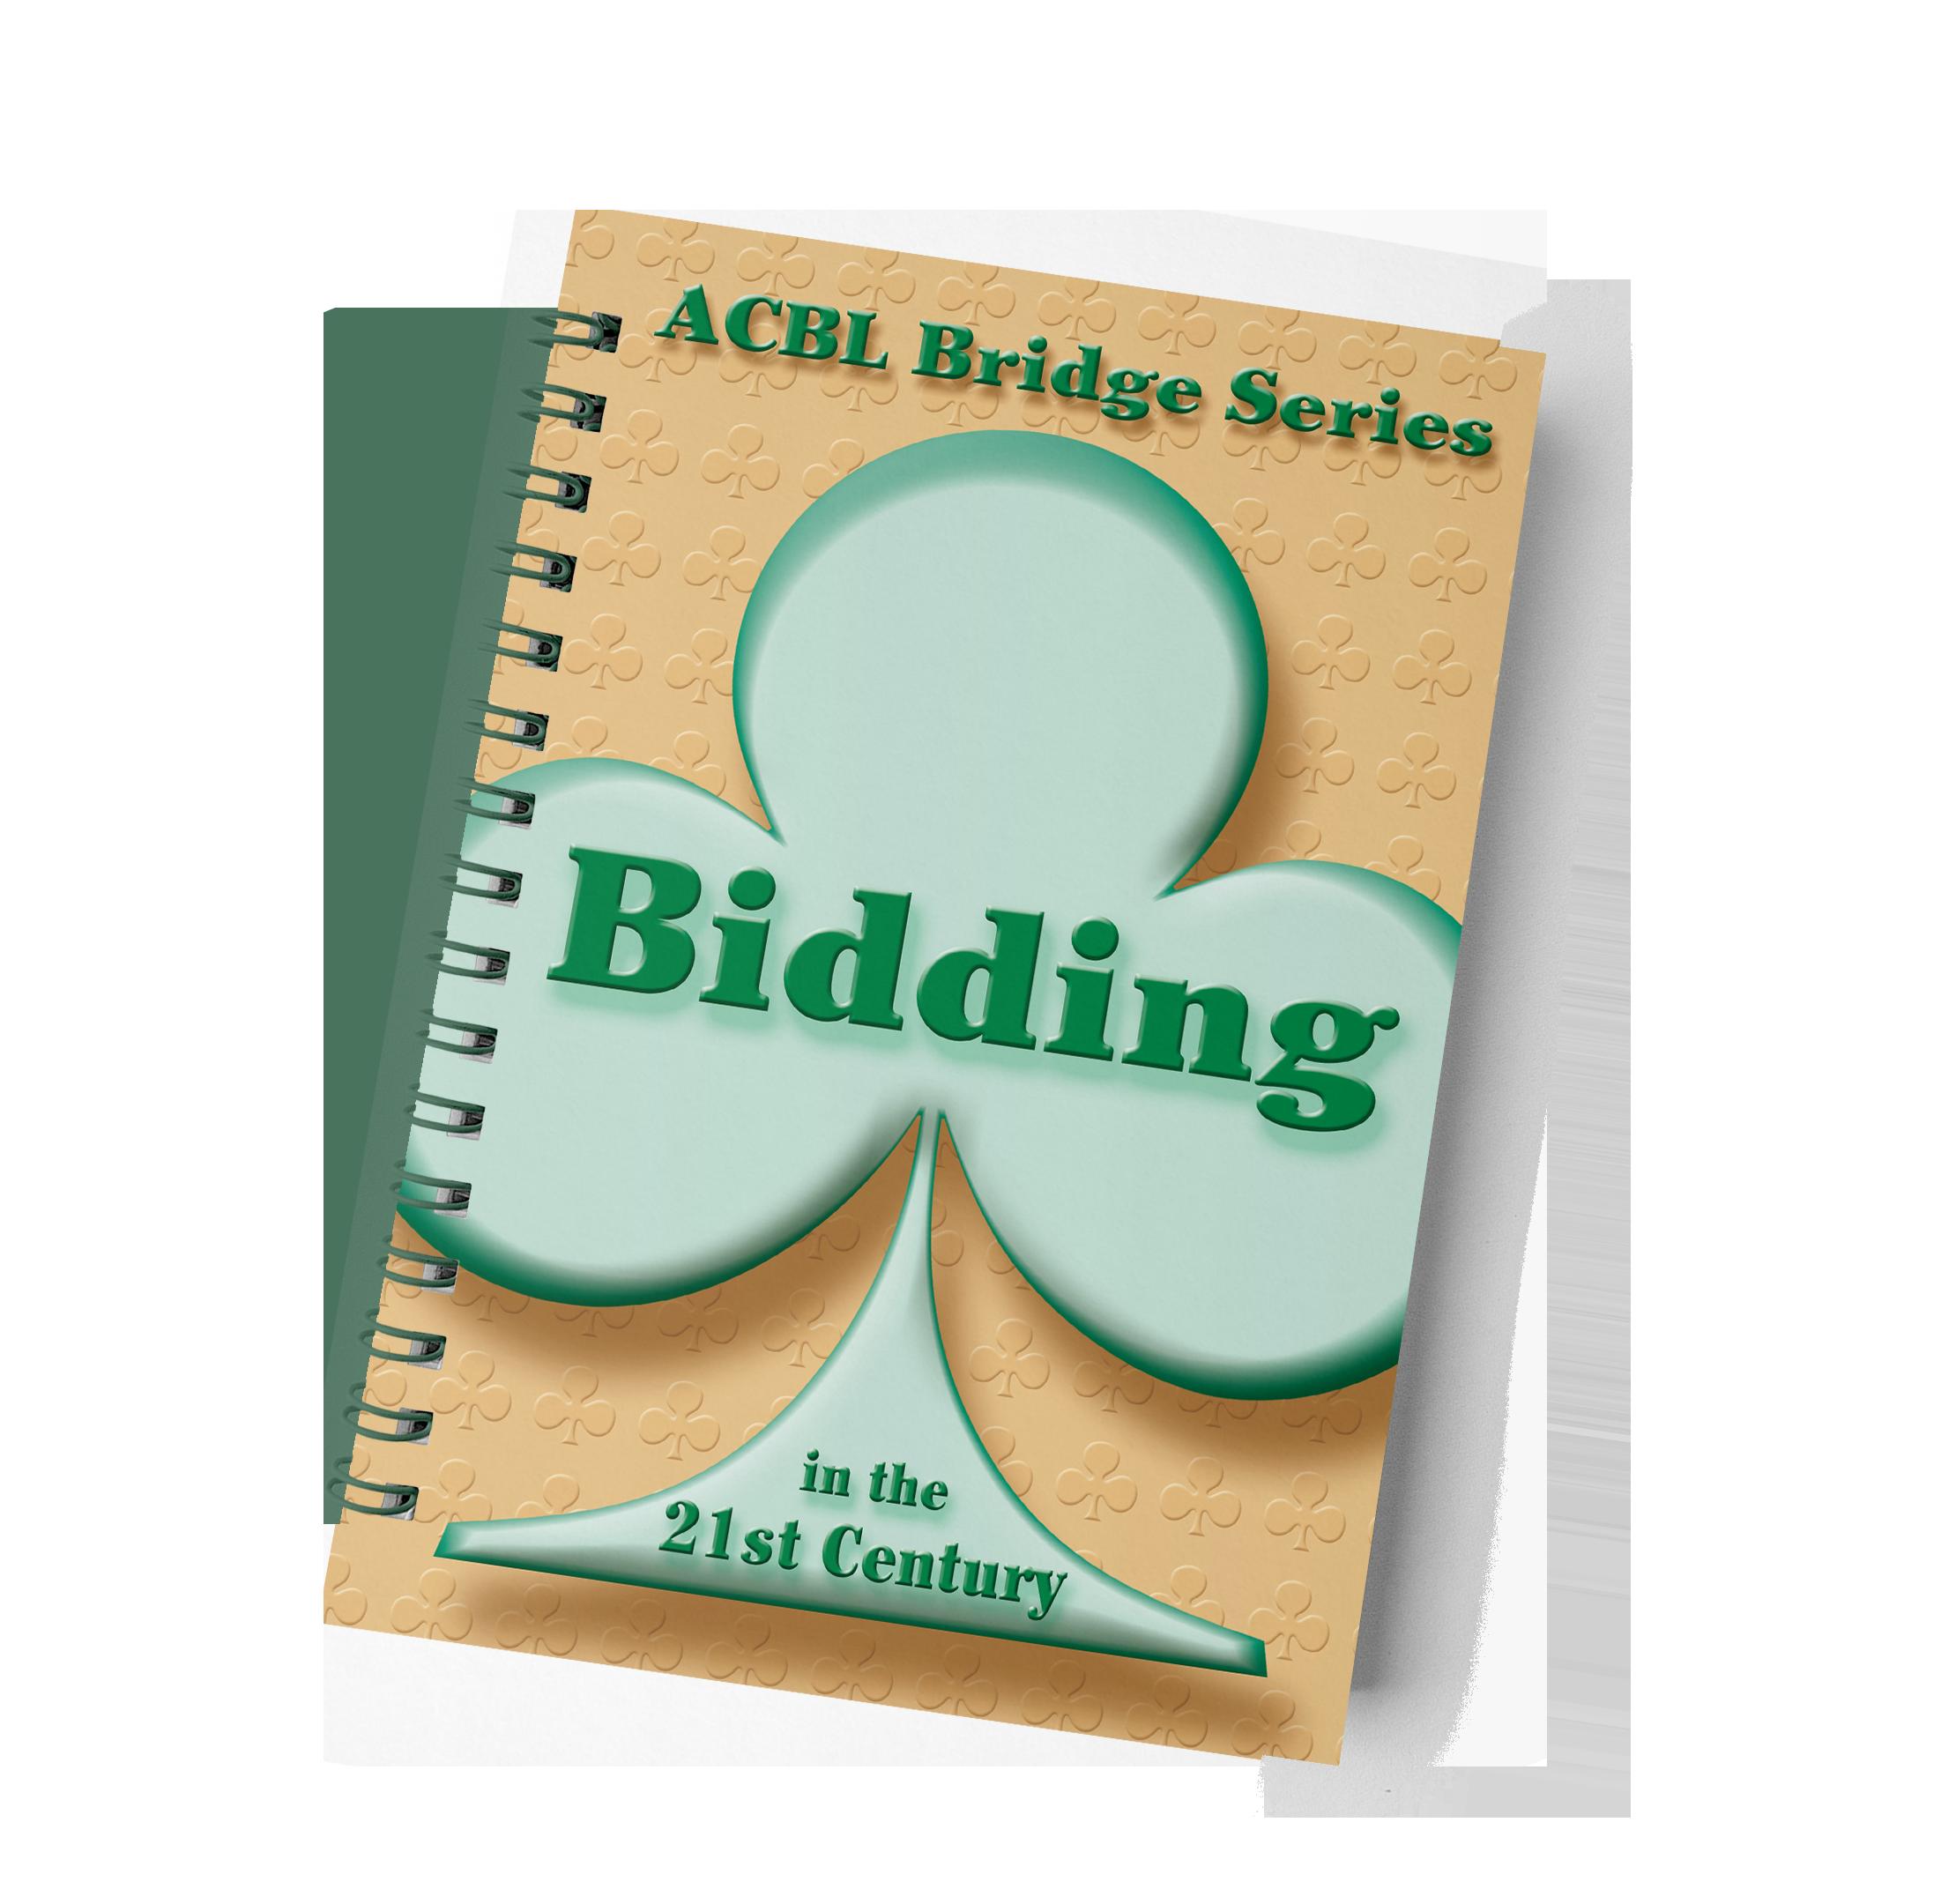 Bridge Teaching Aids & Supplies | Learn to Play Bridge